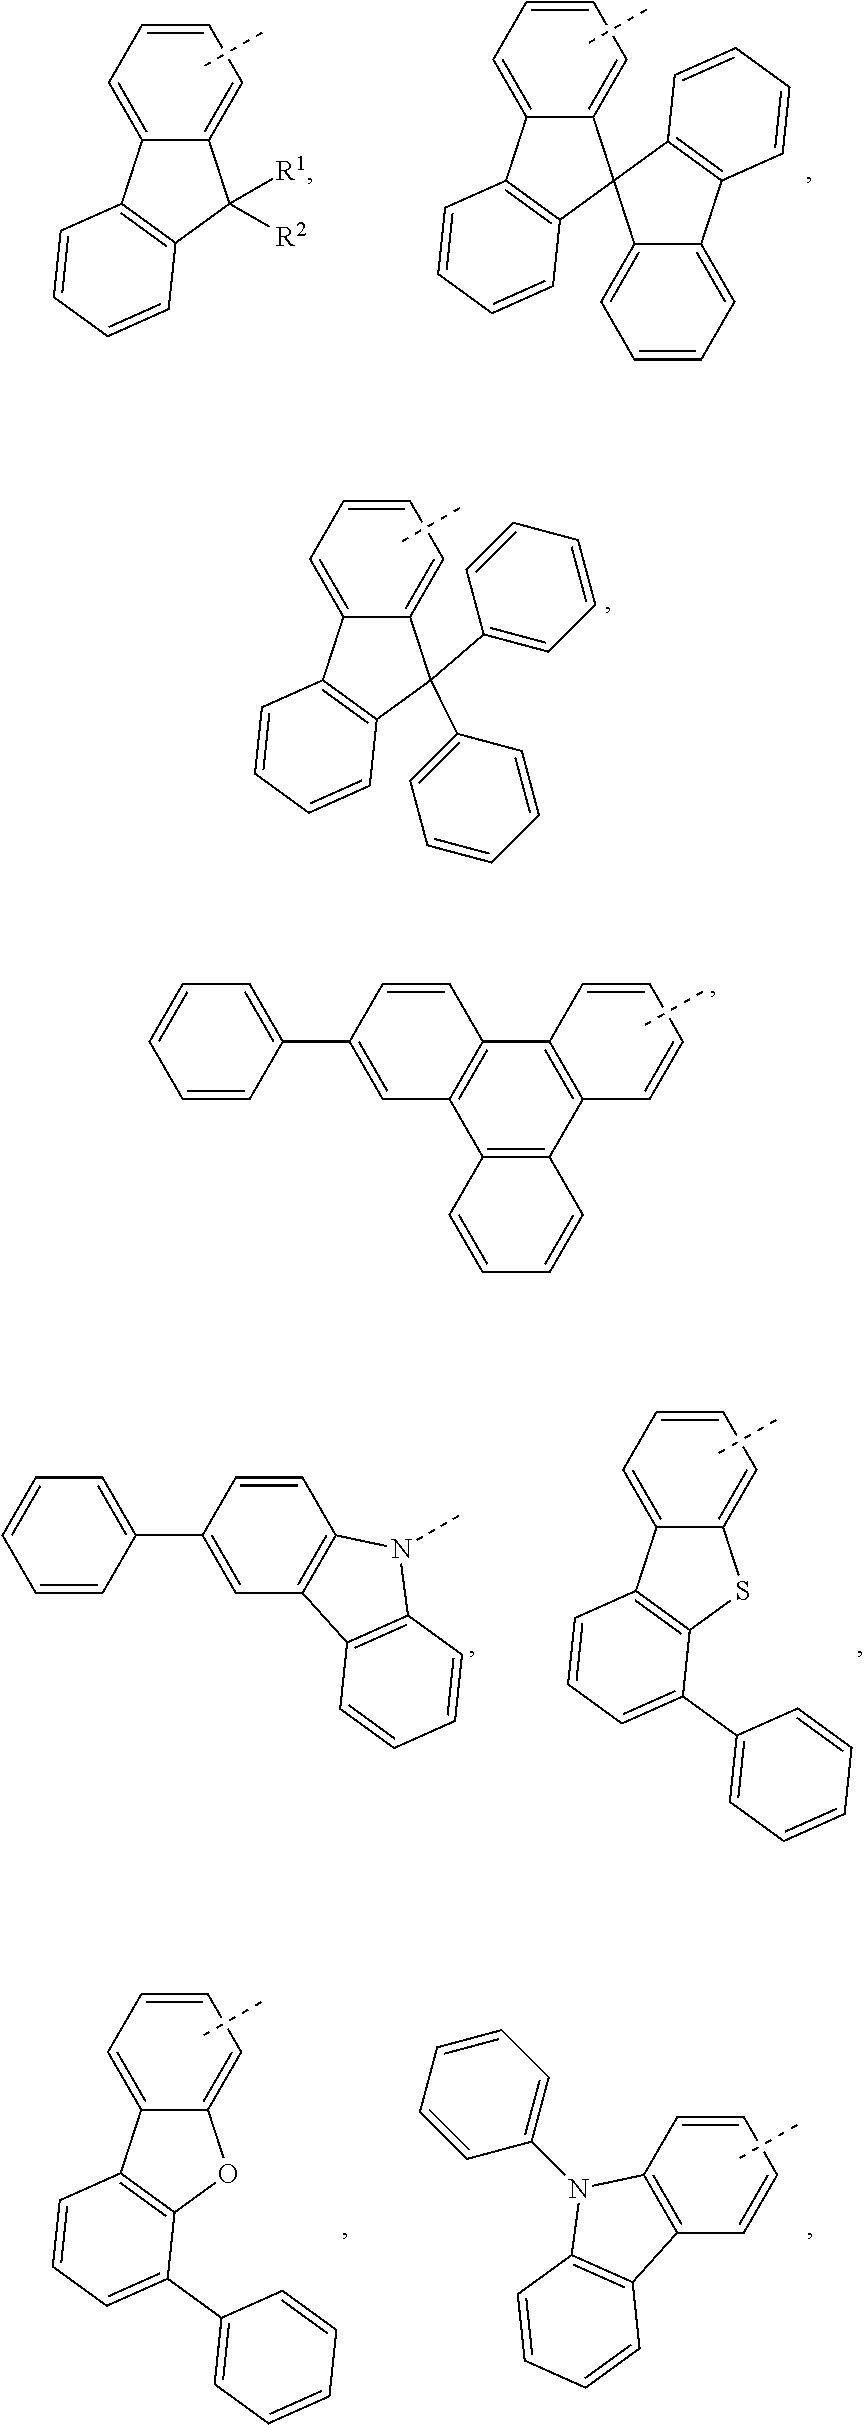 Figure US09190620-20151117-C00033